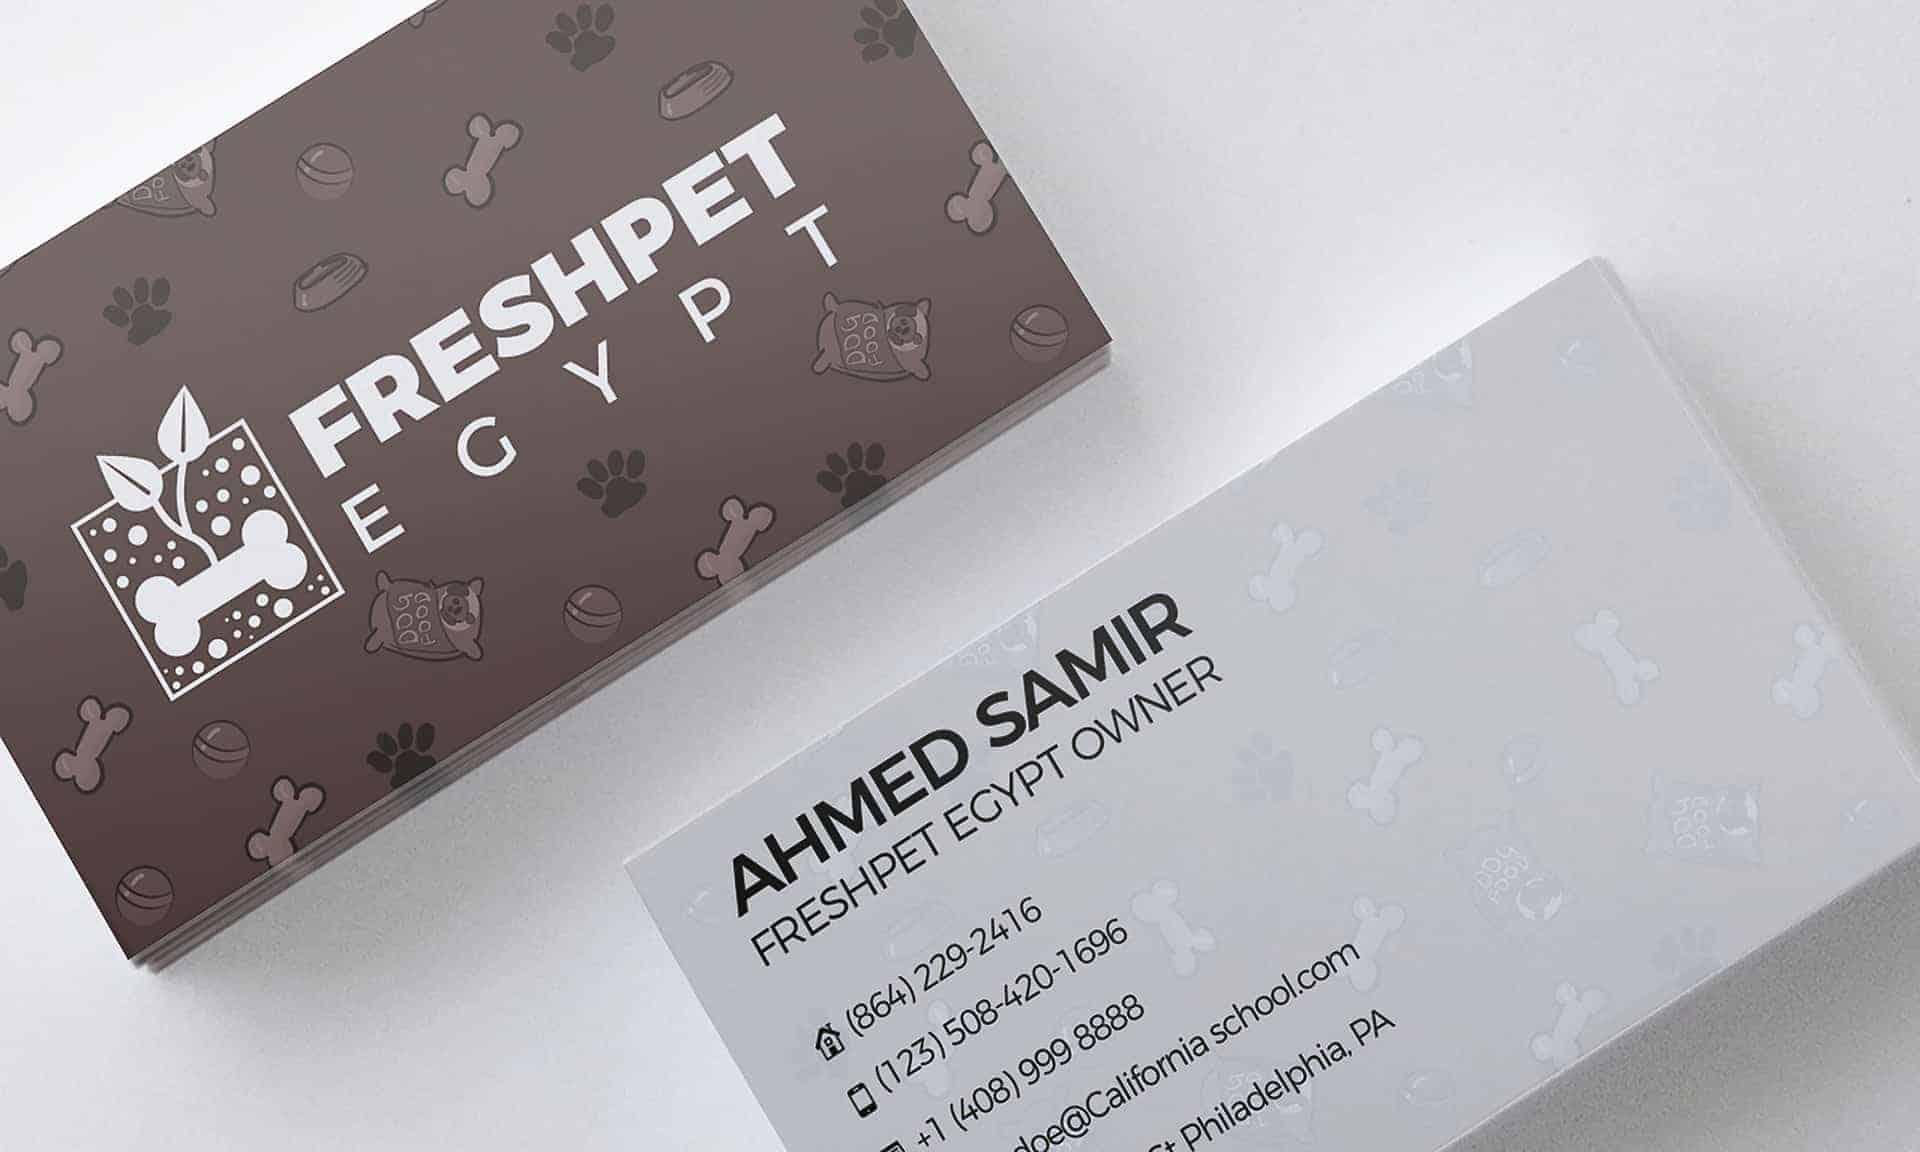 freshpet egypt branding project design ideas